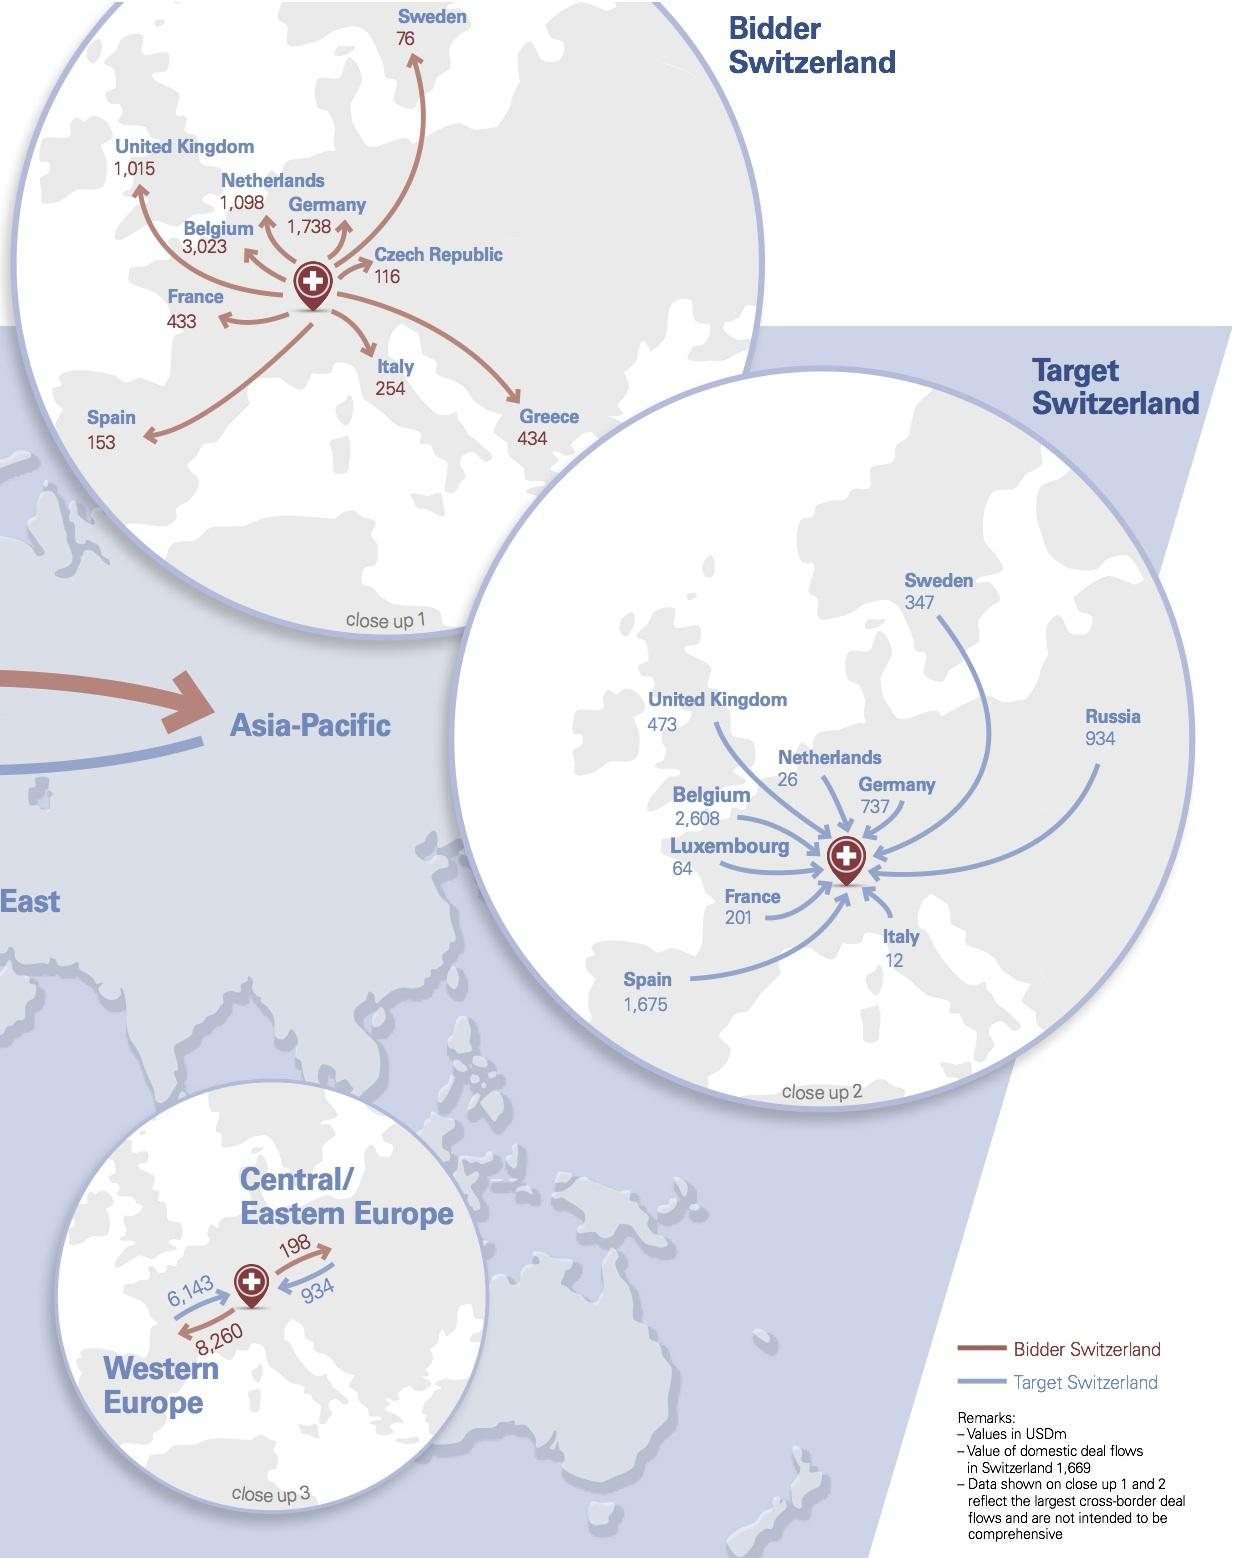 Figure 4: Cross-border Deal Flows 2013